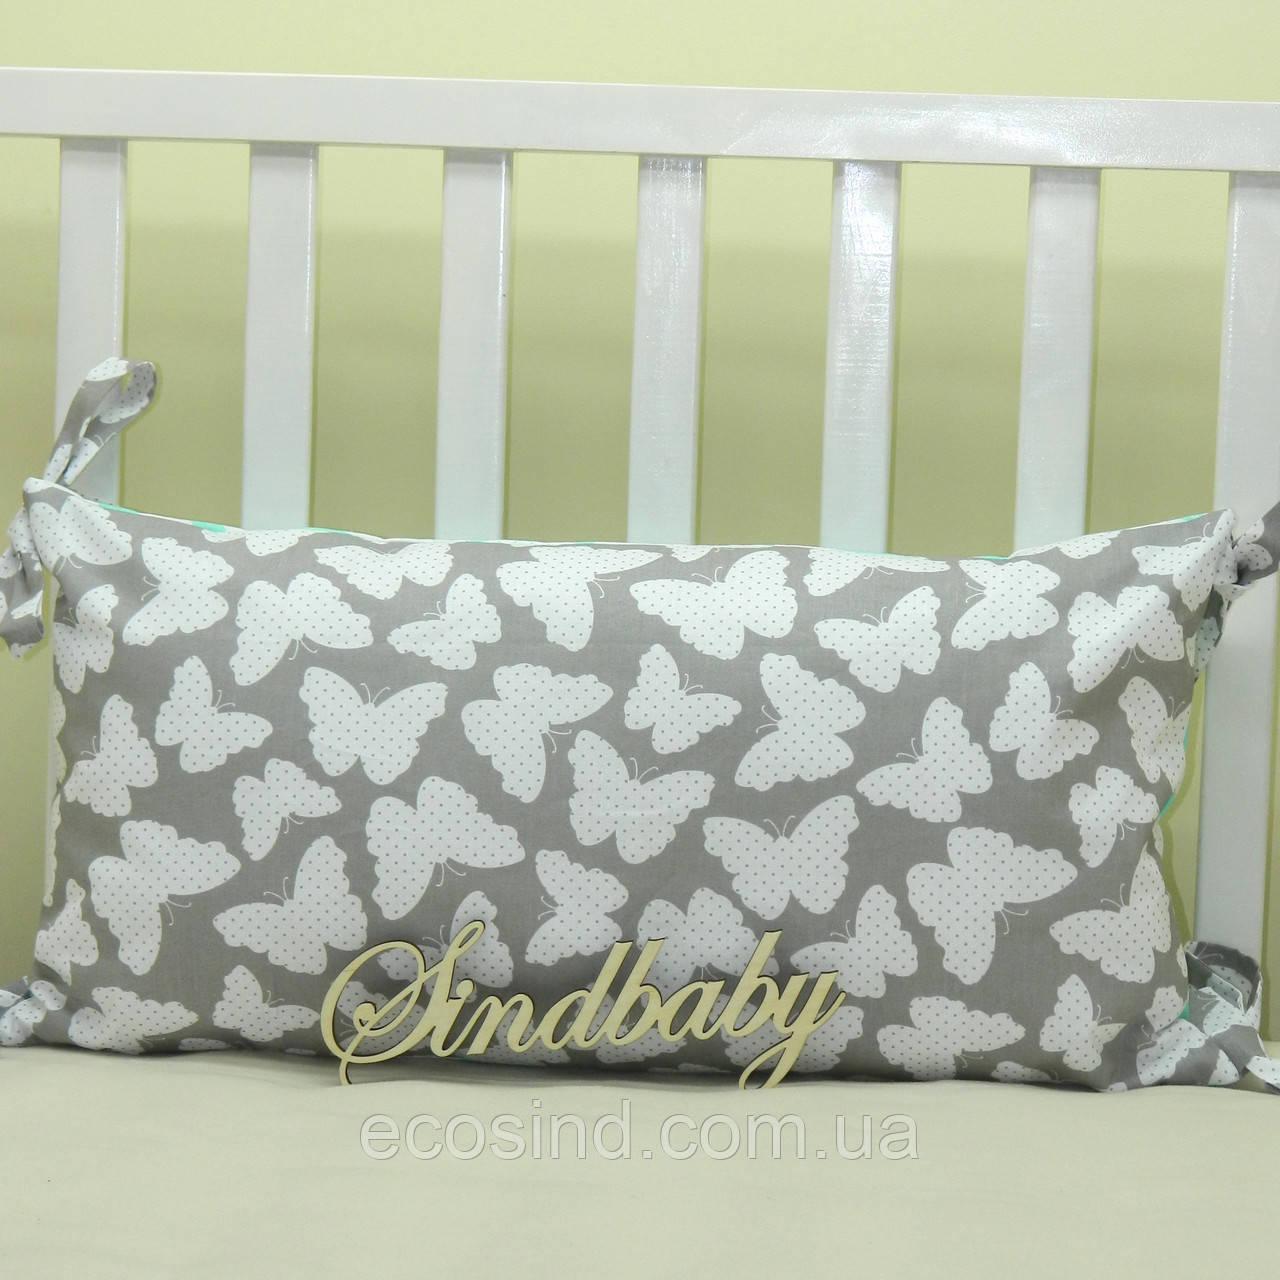 Бортики подушки в кроватку, Подушка 30х60 -22